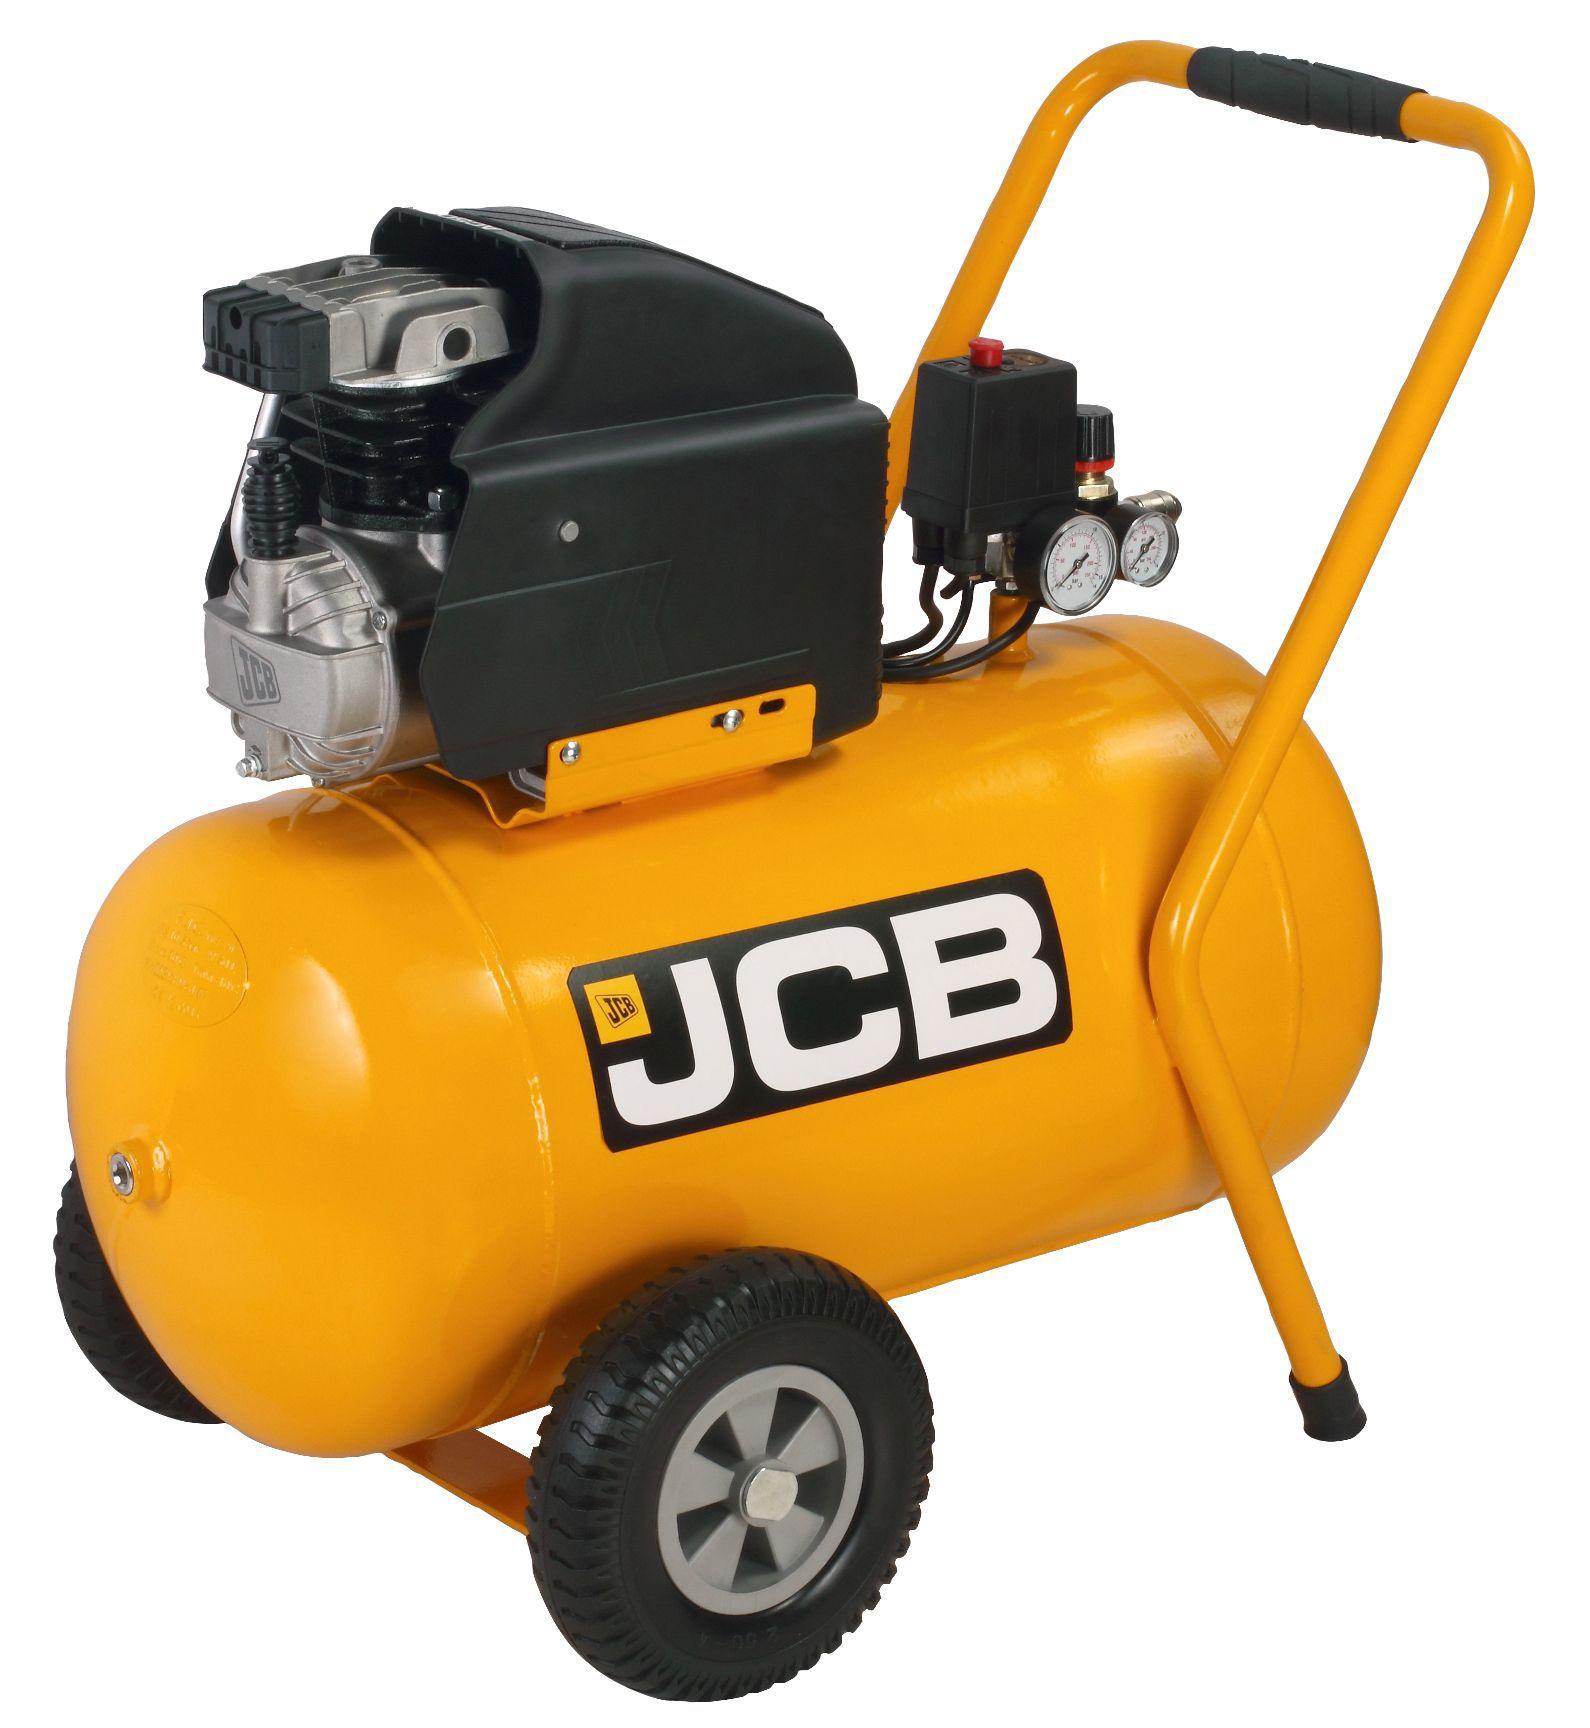 Jcb 50l Compressor Jcb Ac50 Departments Tradepoint